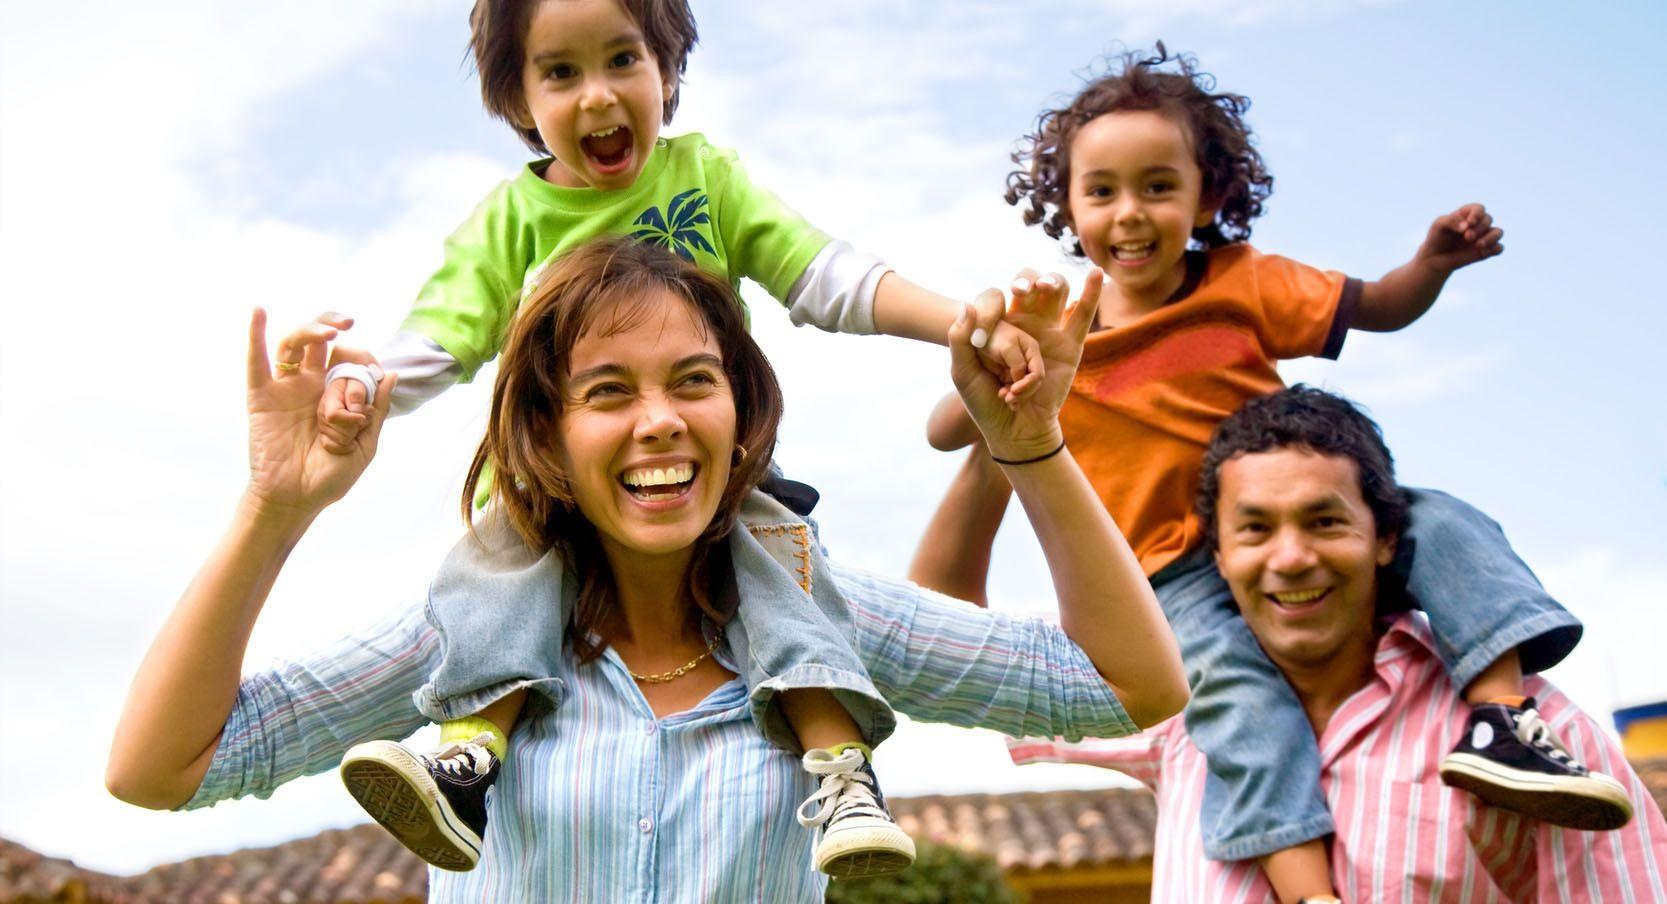 El Servicio de Mediación Familiar se pondrá en marcha en Badajoz, Cáceres y Plasencia